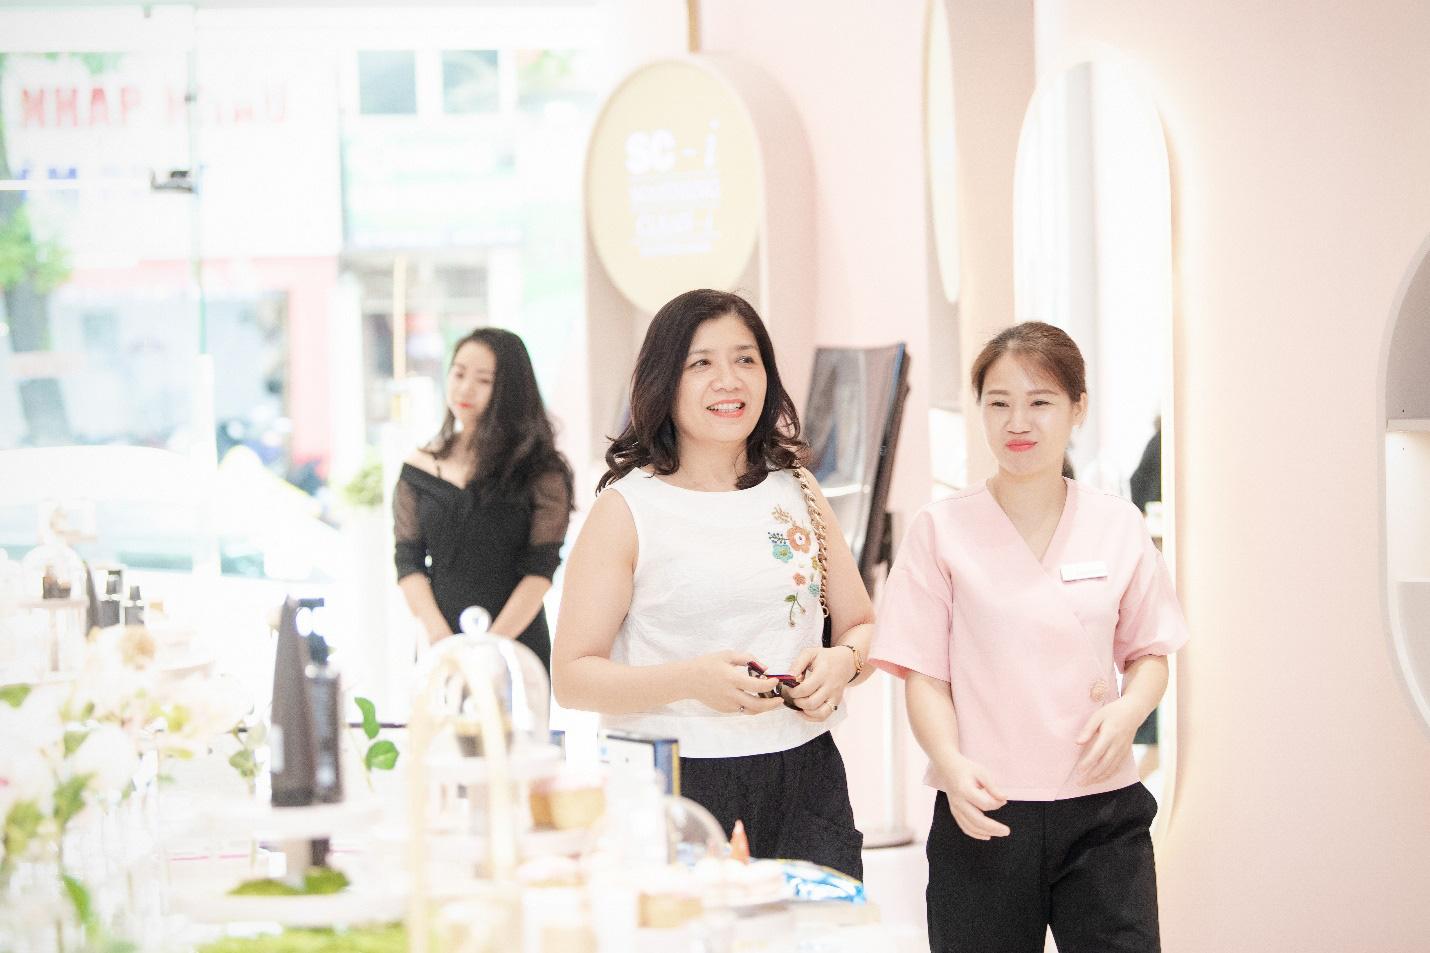 Vỡ trận trên con phố Bà Triệu trong Tuần lễ nhận quà tặng miễn phí của Chuỗi Trung tâm chăm sóc da và sức khỏe H&H - Ảnh 6.